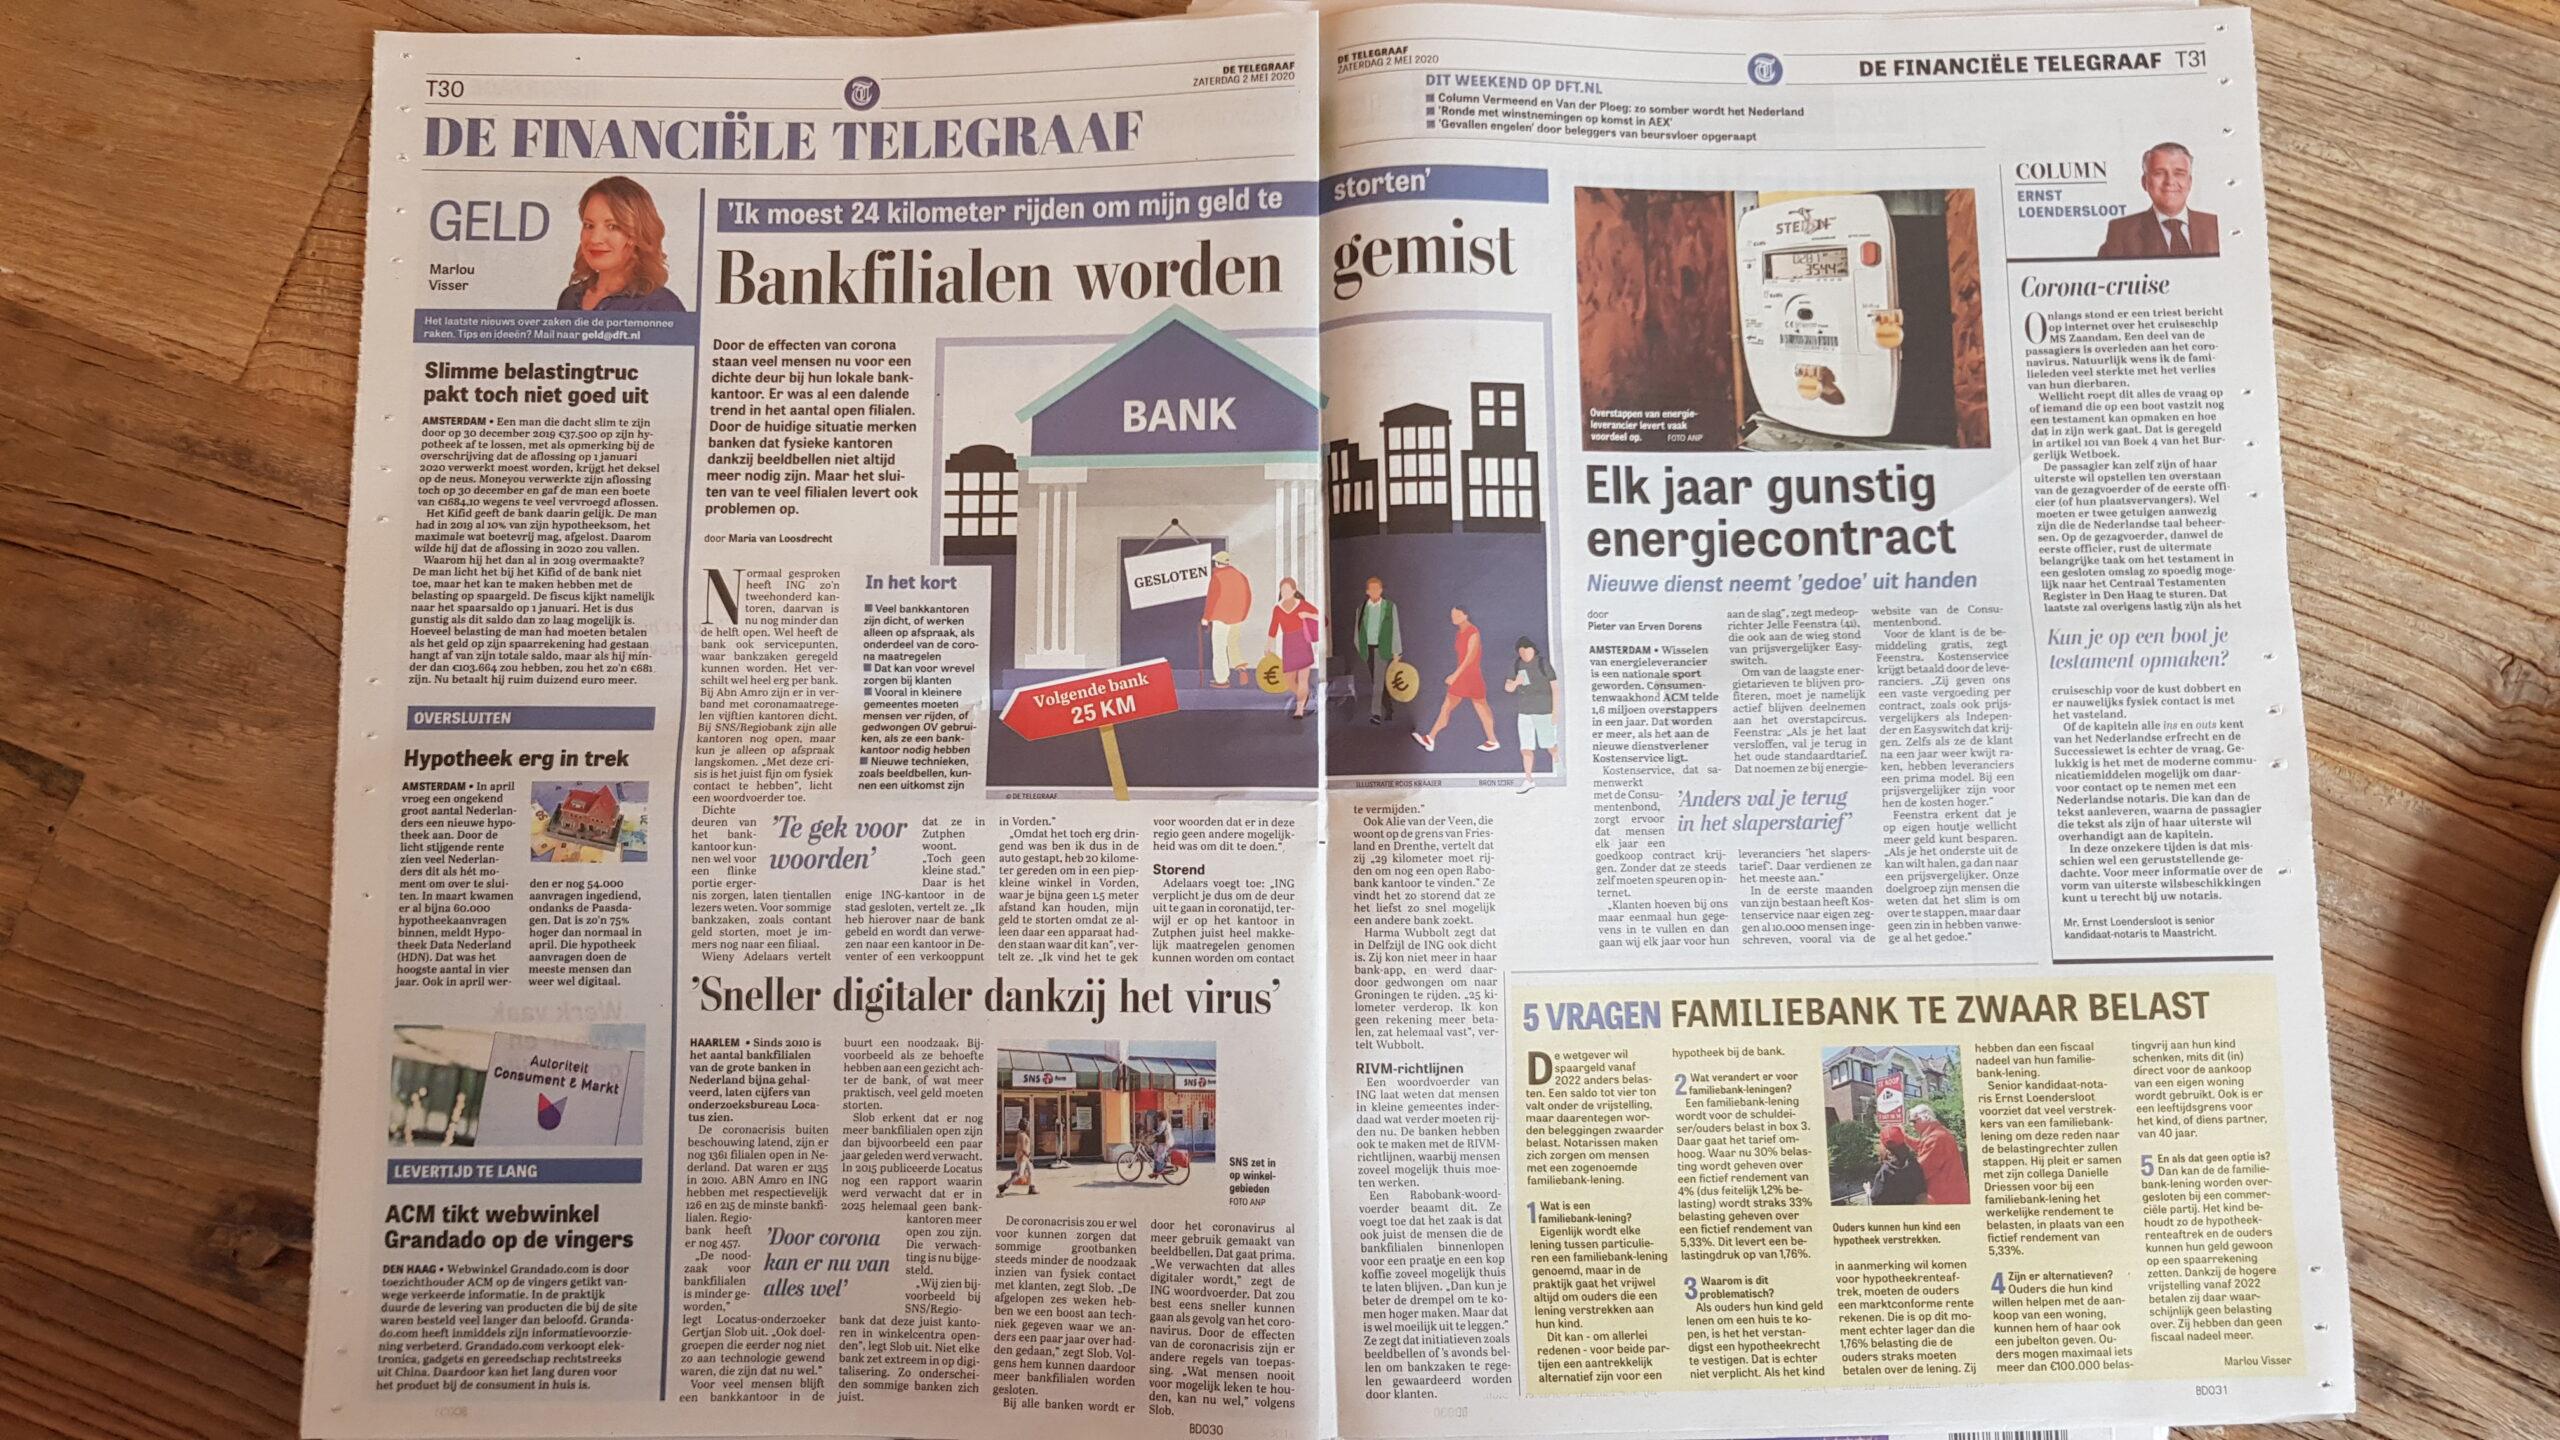 Telegraaf: Nieuw bedrijf regelt jaarlijks goedkoop energiecontract